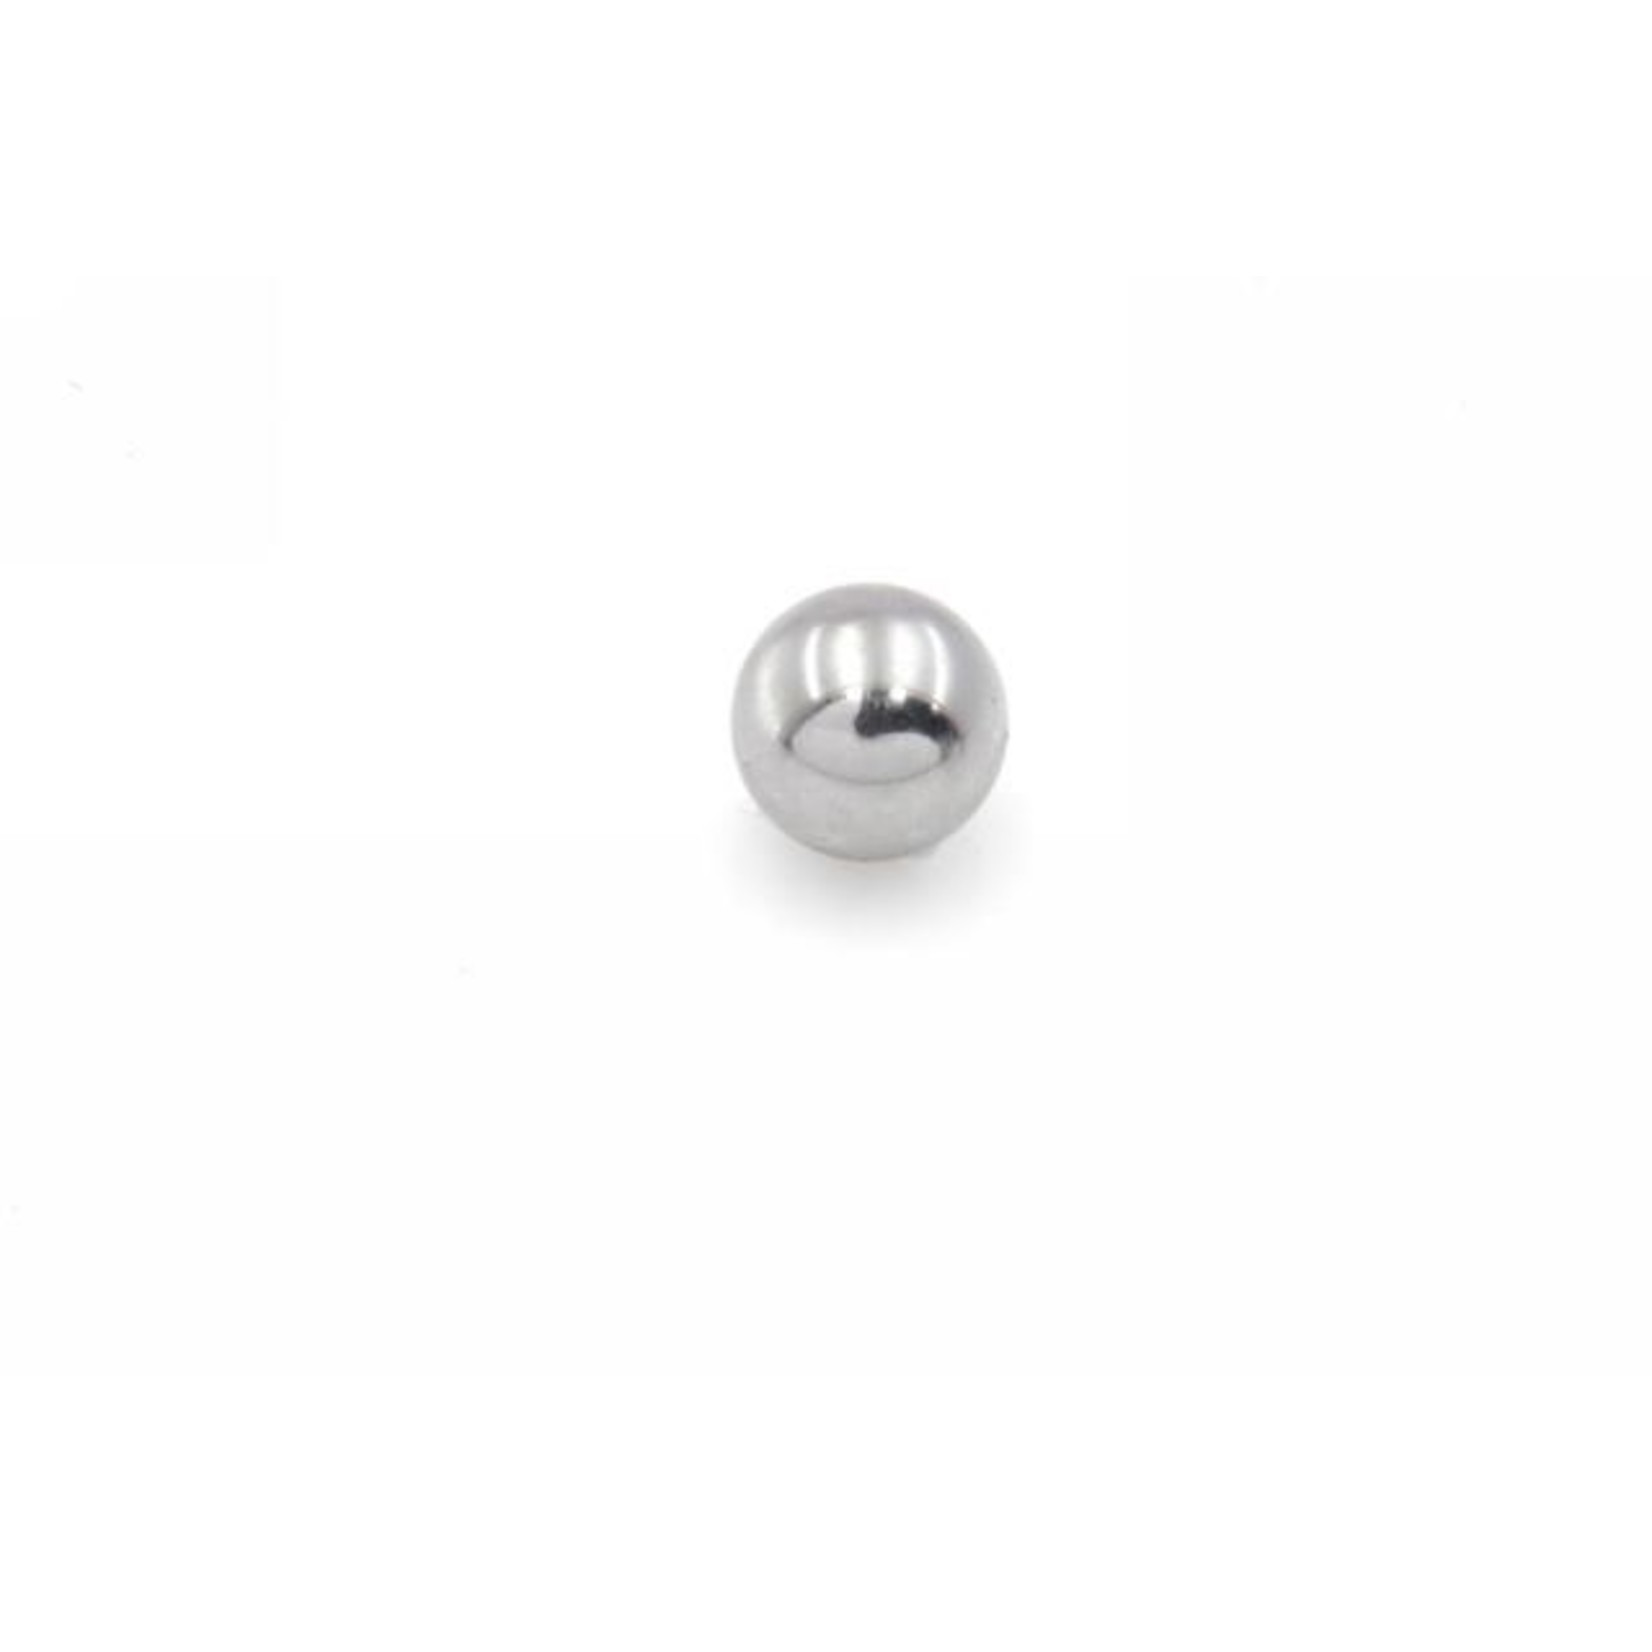 Bolla de varilla de piston 60-75 15,875mm Nr Org: 24108009